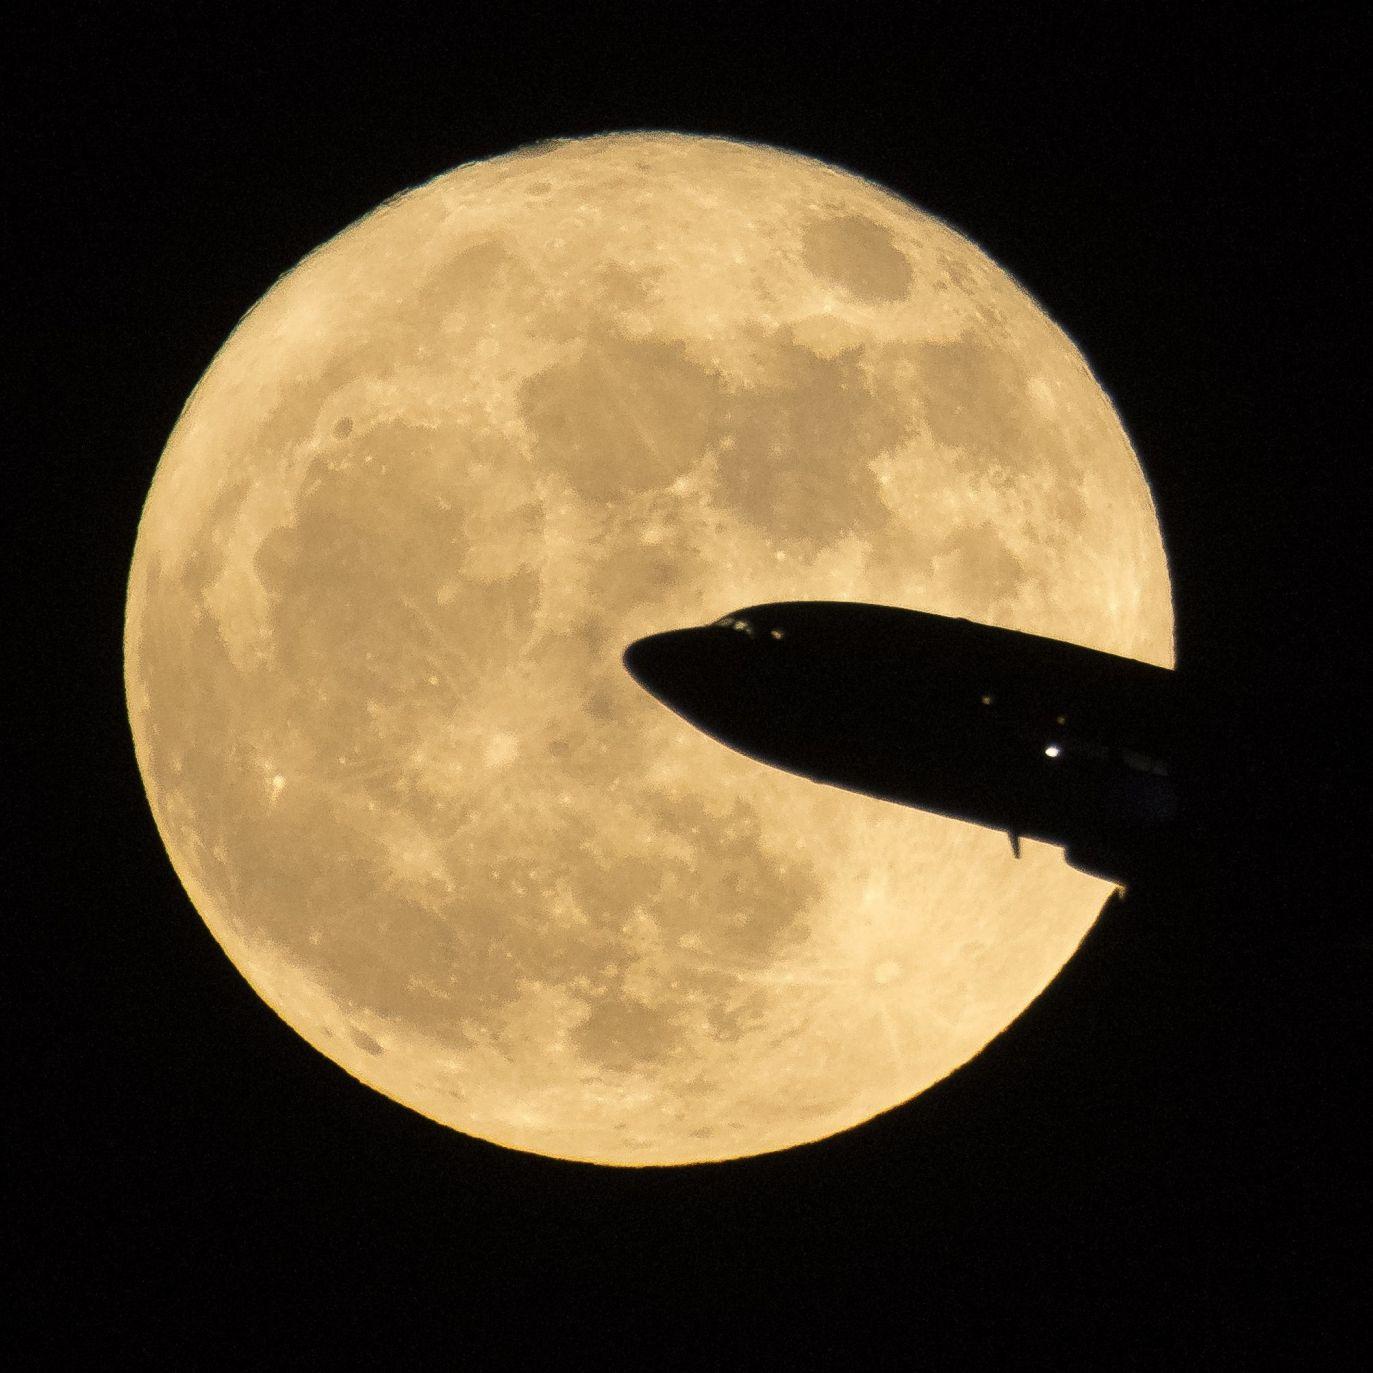 Samolot startujący z lotniska w Waszyngtonie (fot. PAP/EPA/NASA/Bill Ingalls)